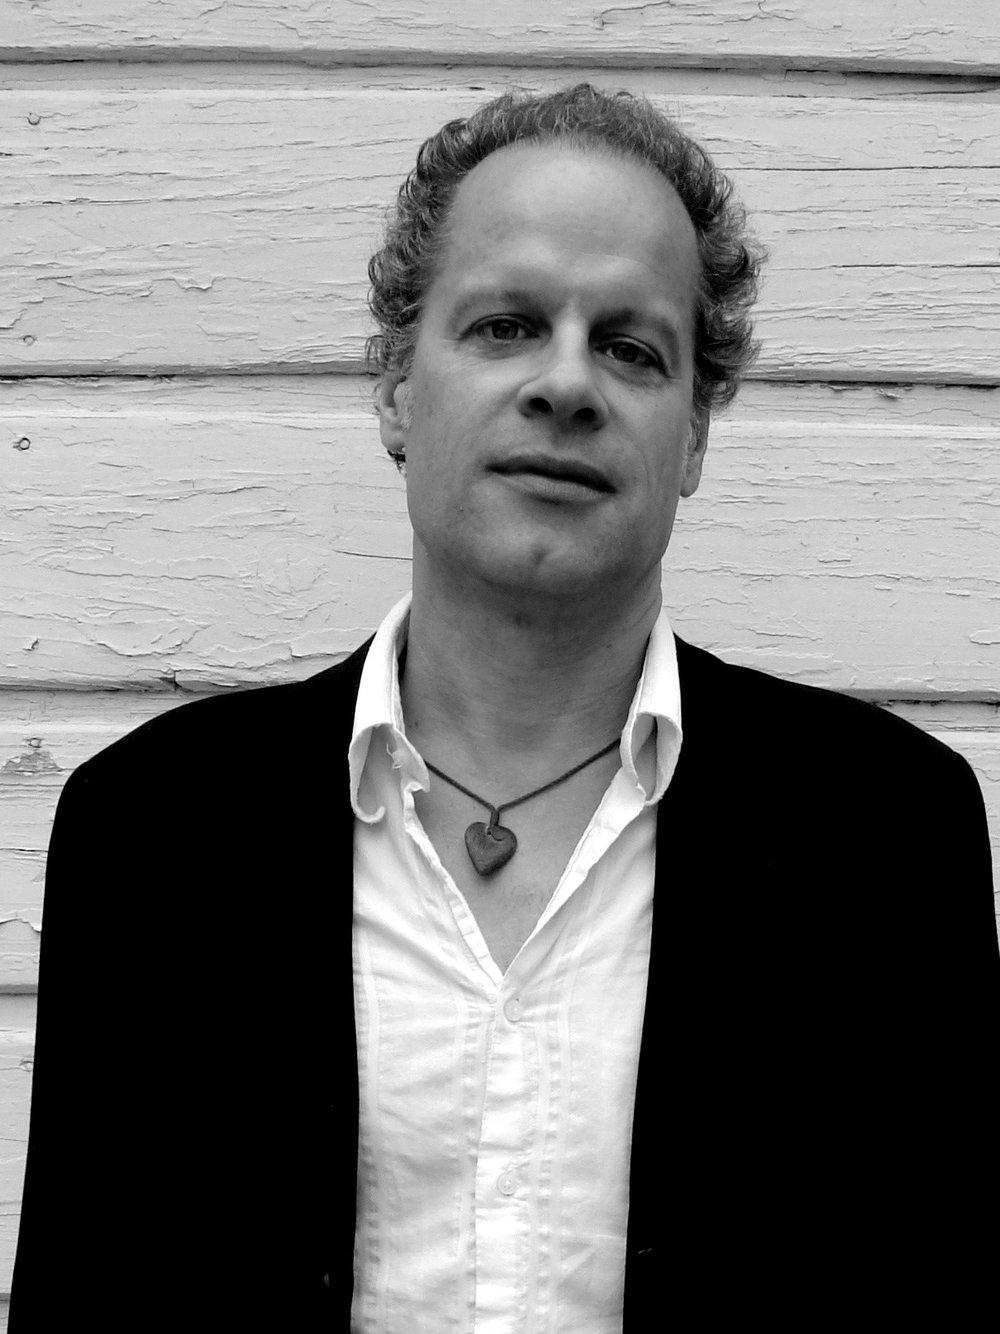 Eric Schermerhorn